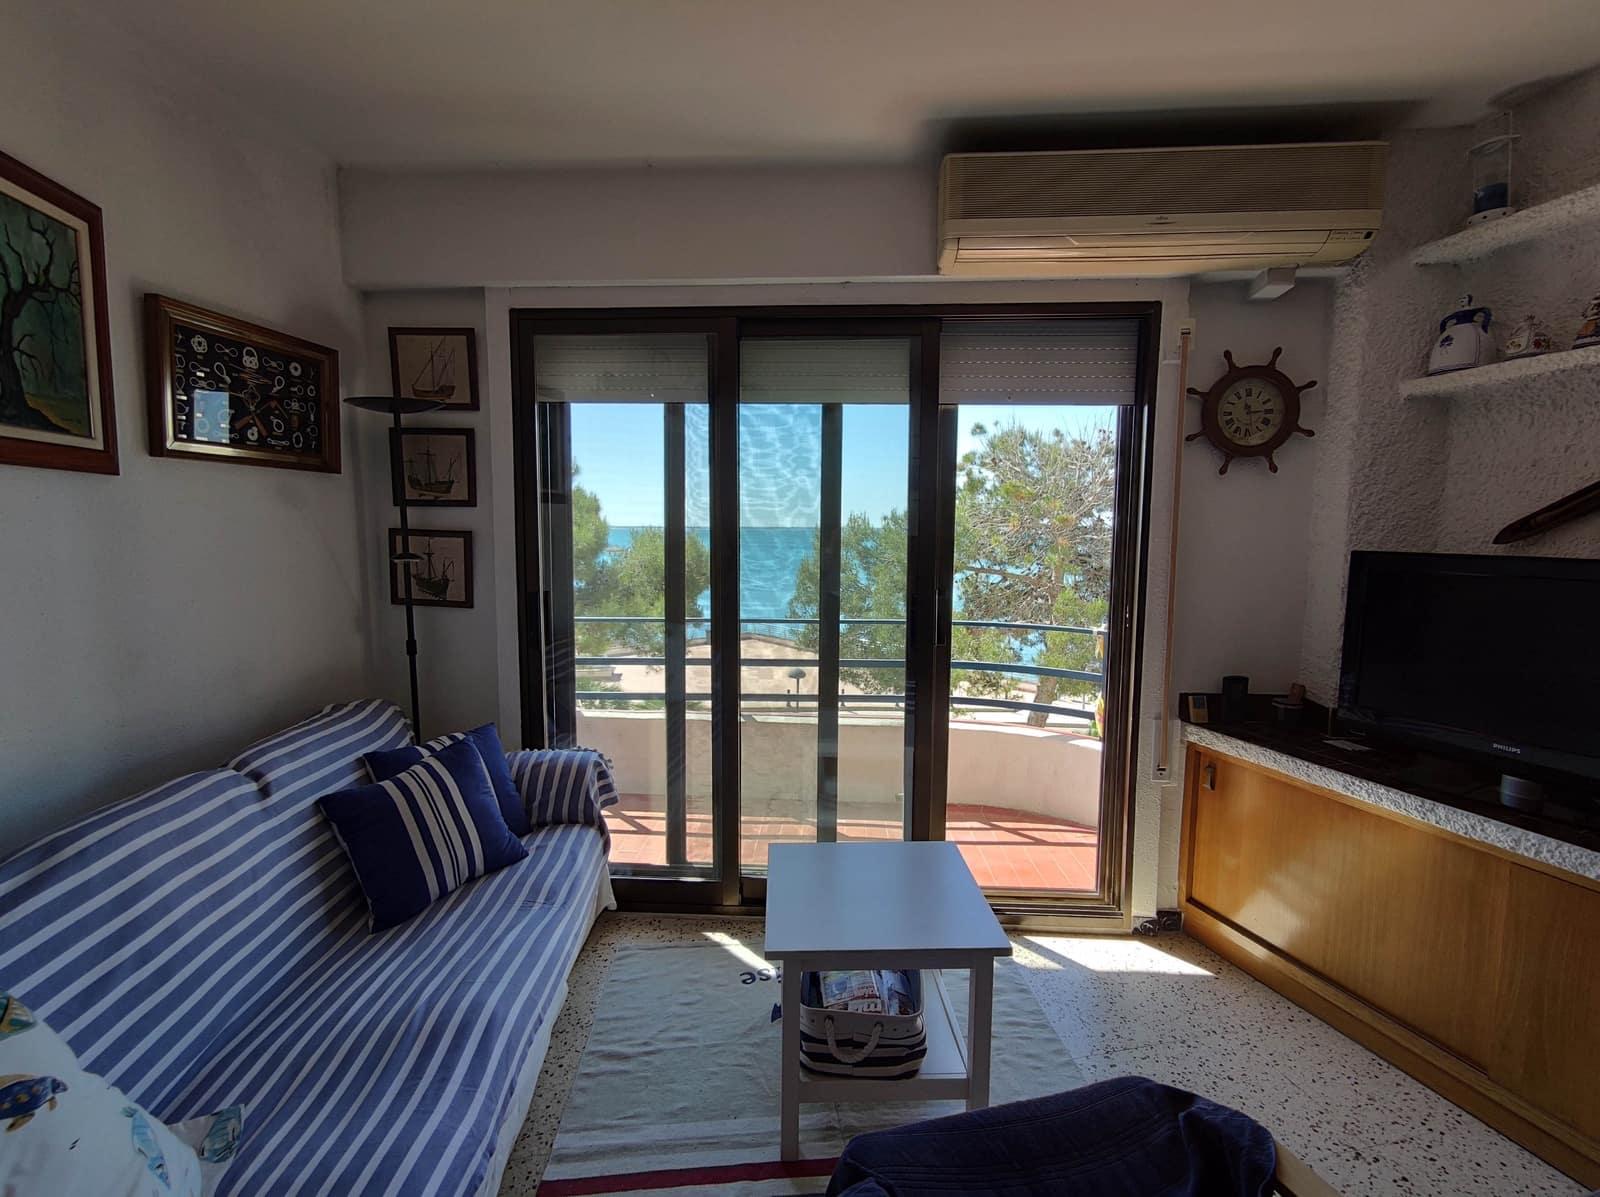 2 quarto Apartamento para venda em L'Ampolla - 130 000 € (Ref: 4358436)